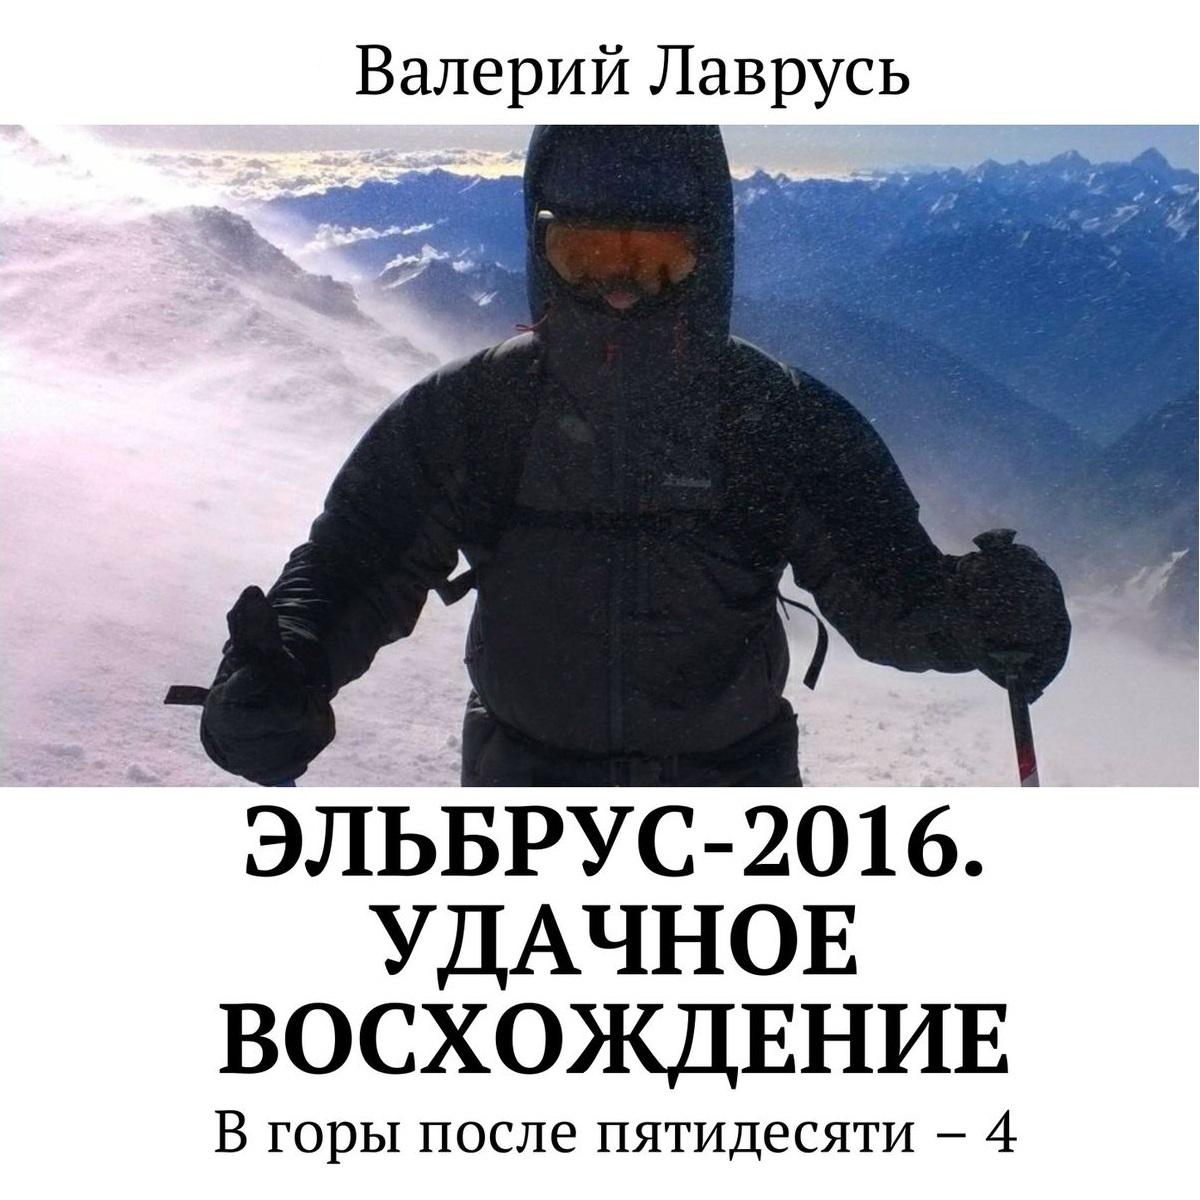 Эльбрус-2016. Удачное восхождение. Вгоры после пятидесяти – 4